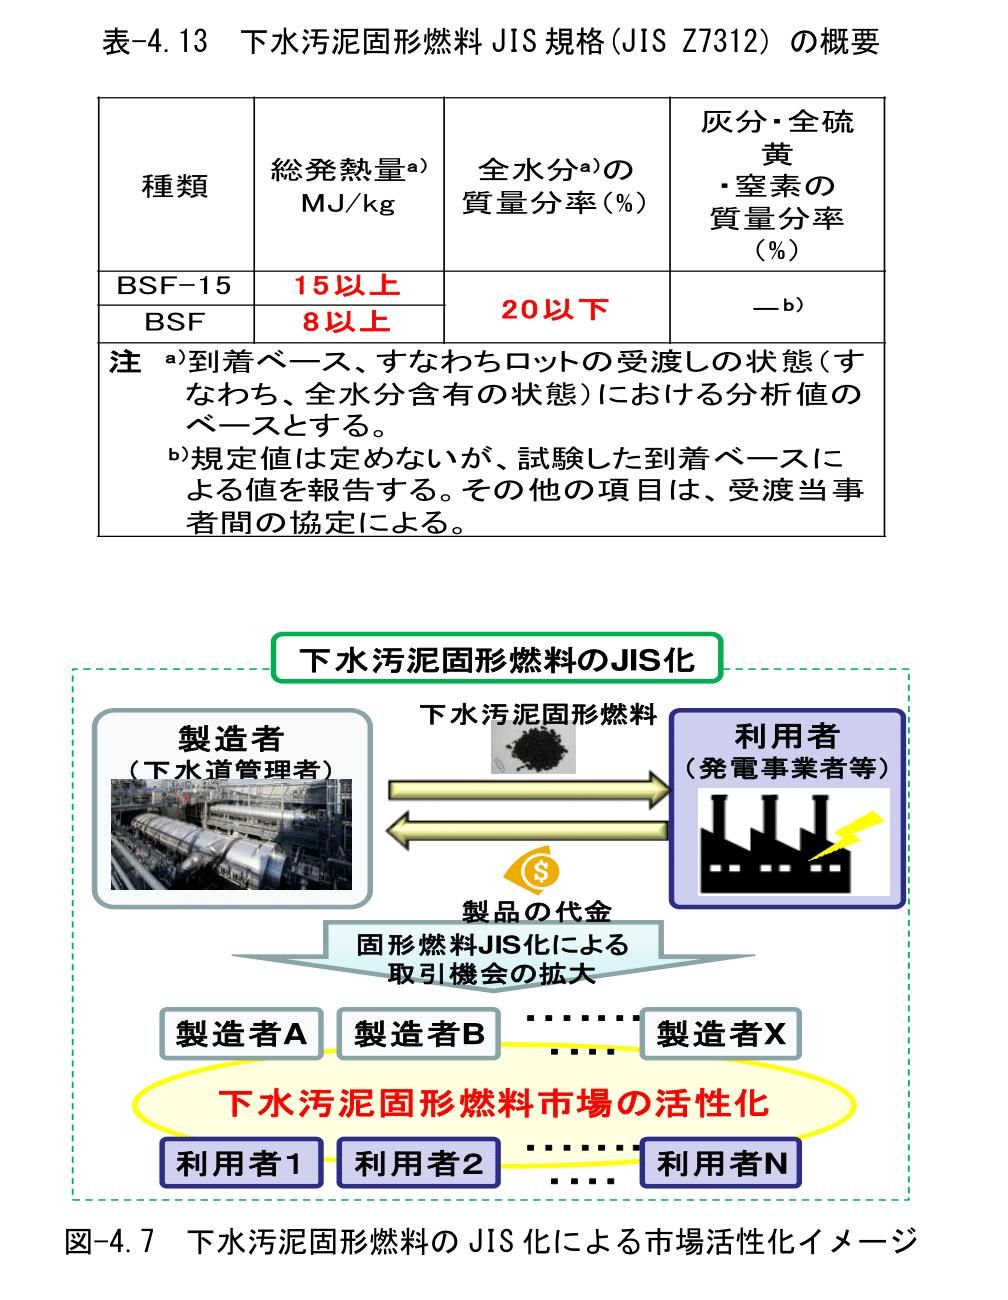 下水汚泥固形燃料JIS規格 熱分解装置 Biogreen 炭化 2018.3.28